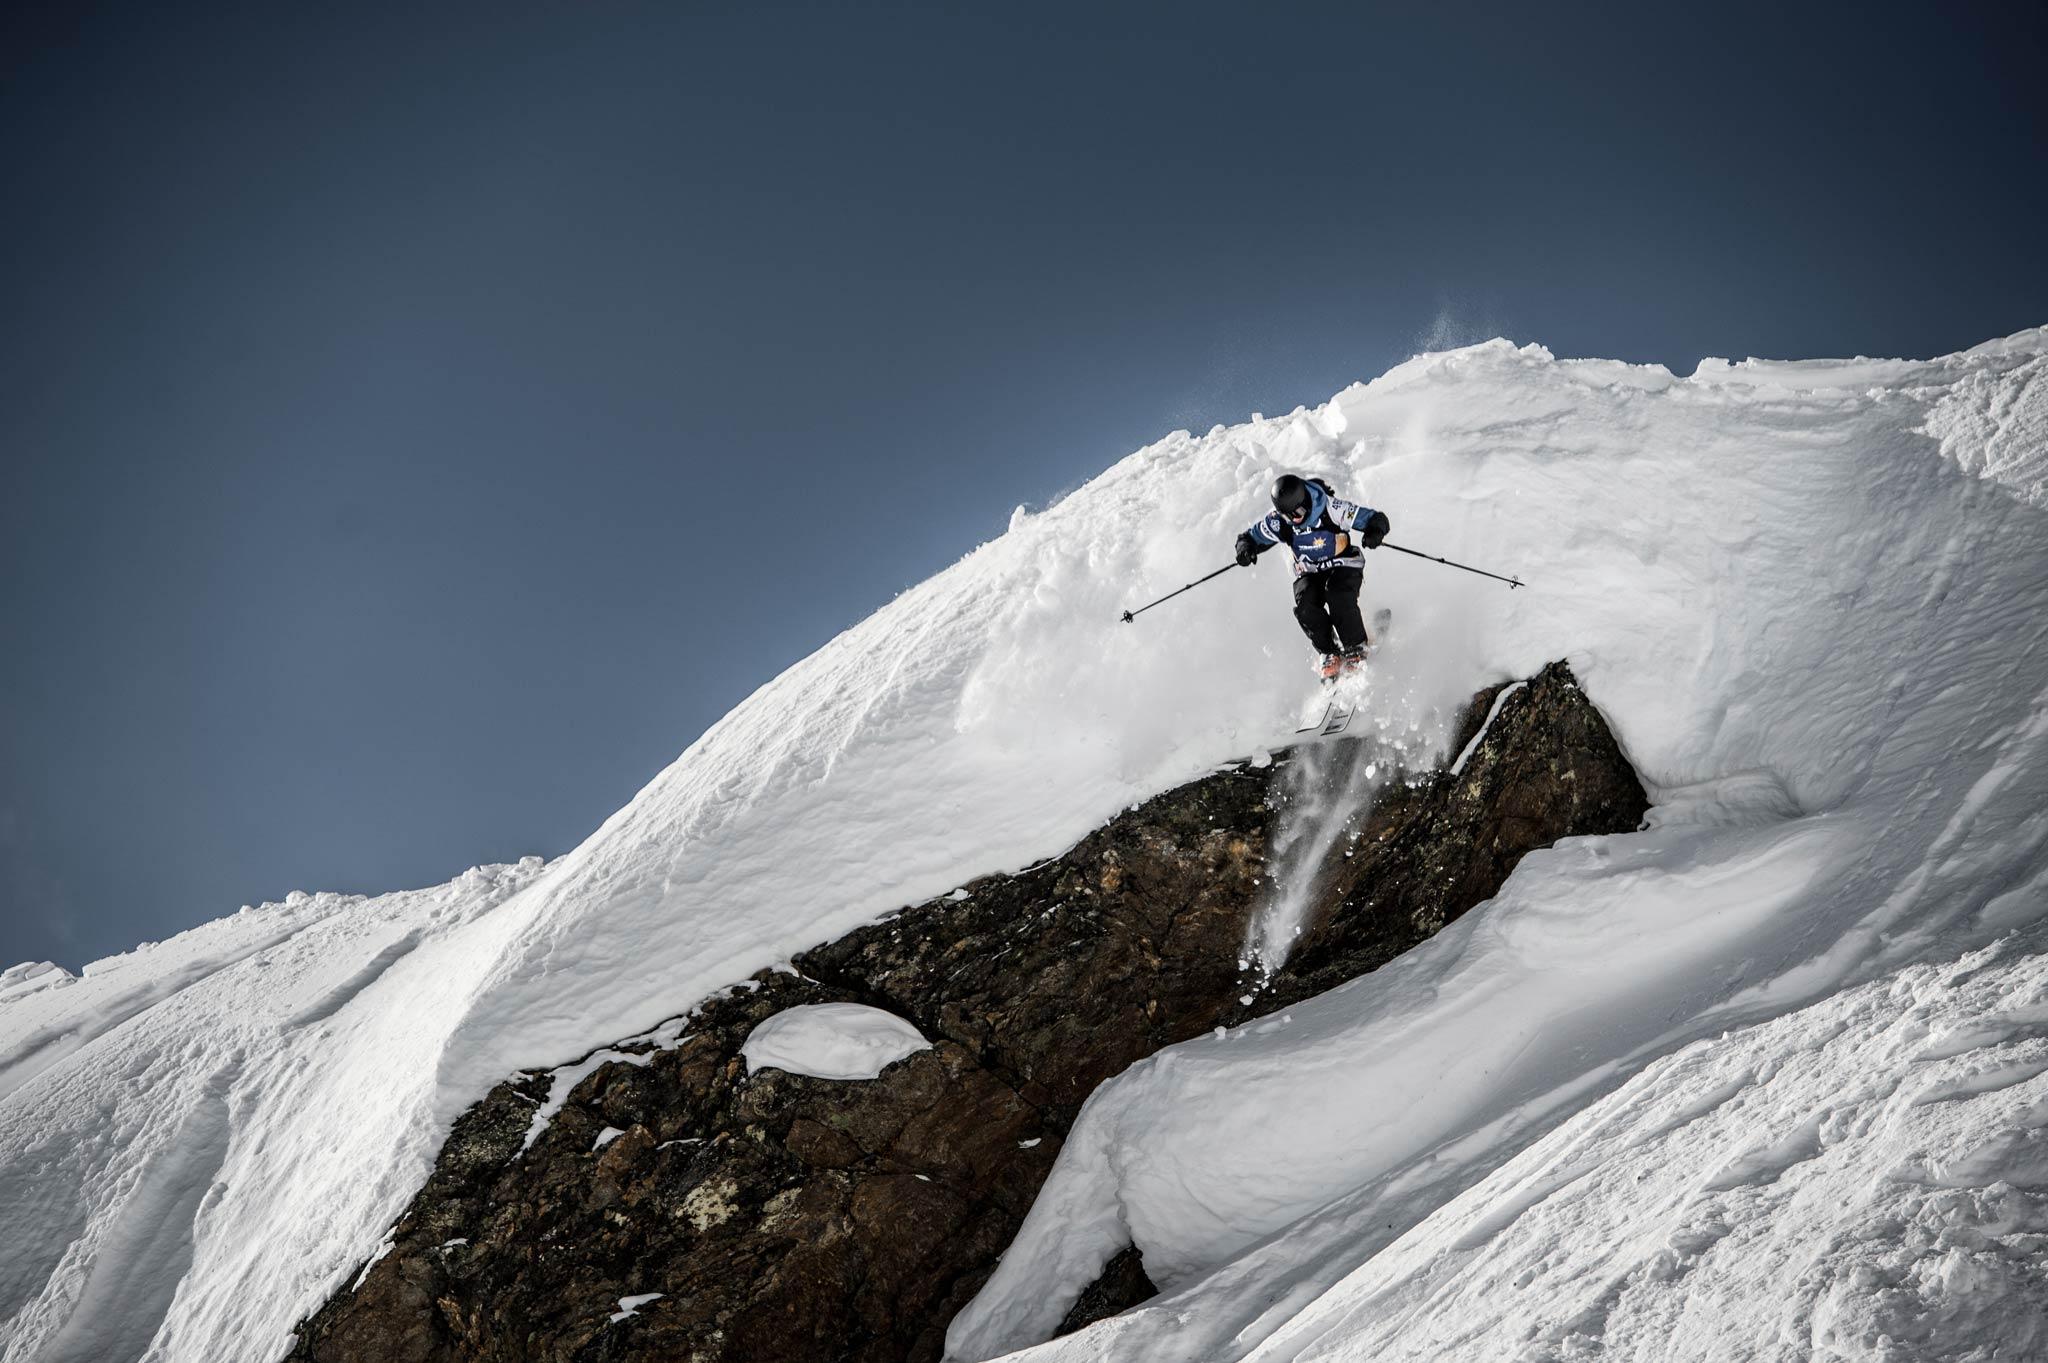 Die Quellspitze bietet viele Optionen für die Freerider. - Foto: Andreas Vigl